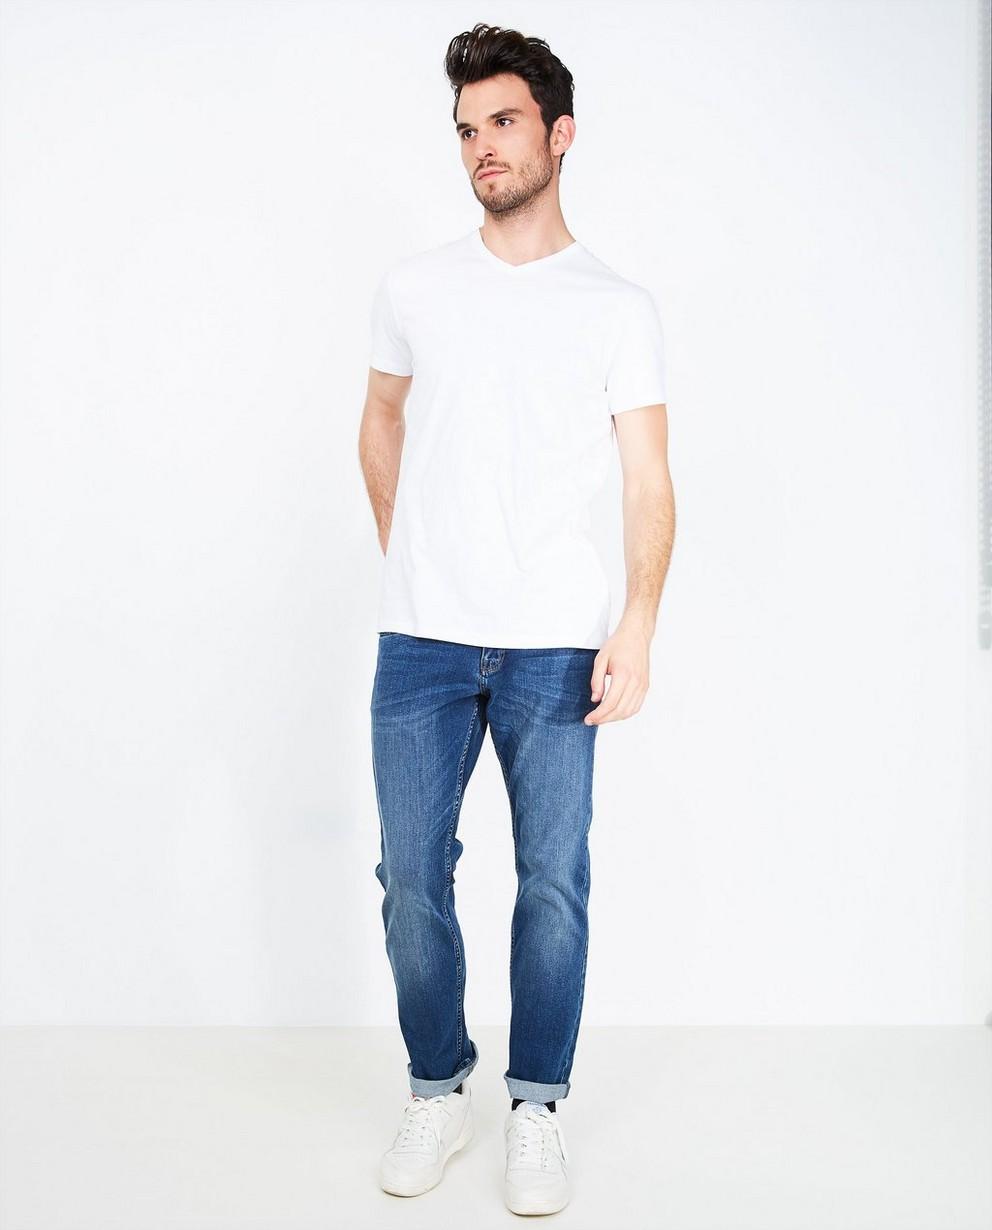 Jeans - aqua - Blauwe biokatoenen jeans